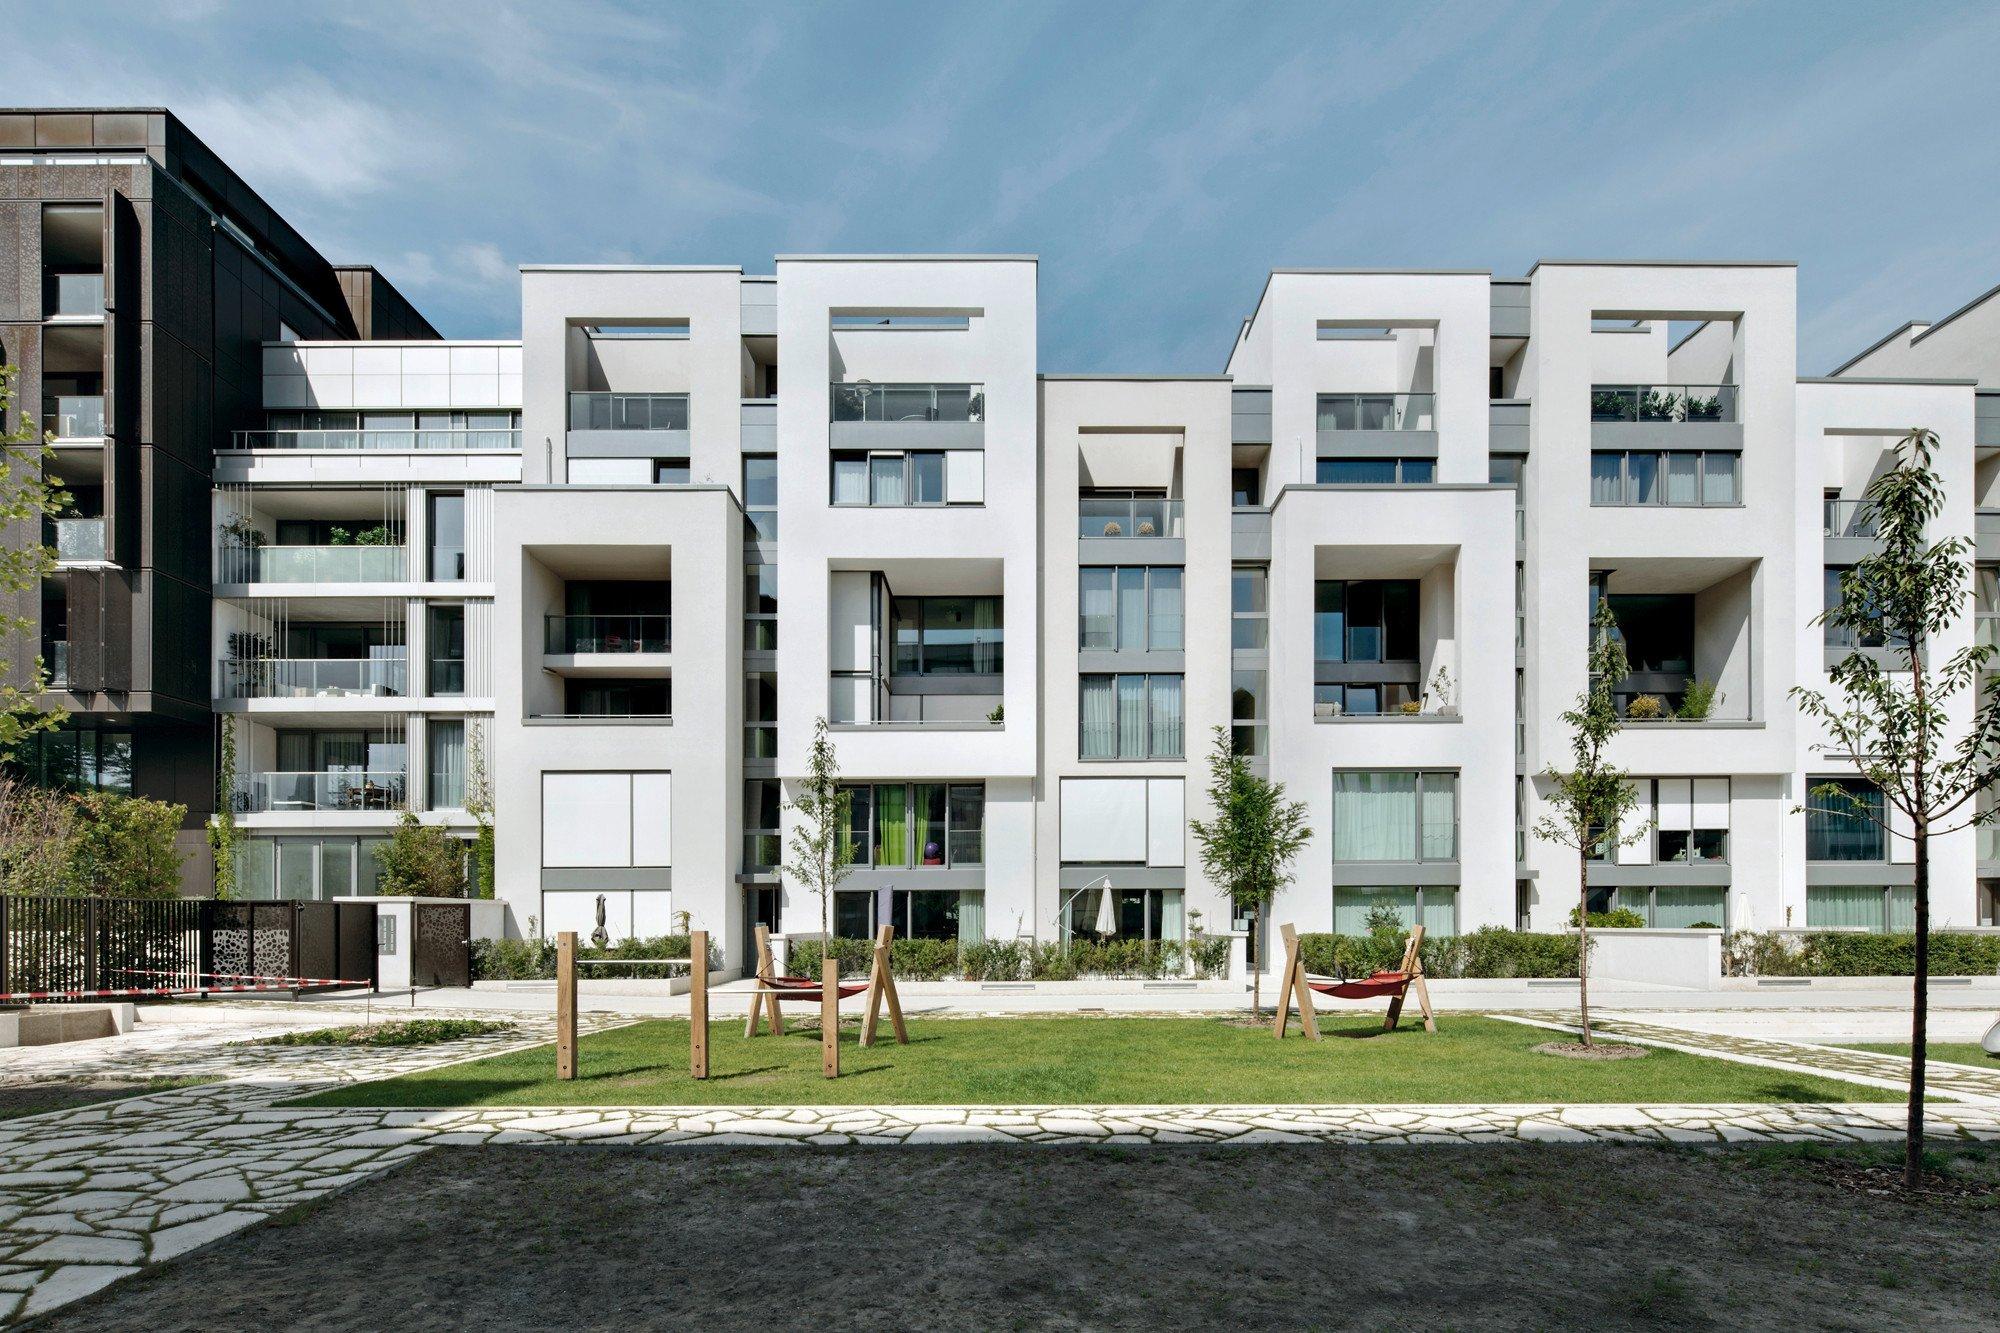 Wohnanlage marthashof in berlin sonnenschutz wohnen for Berlin design